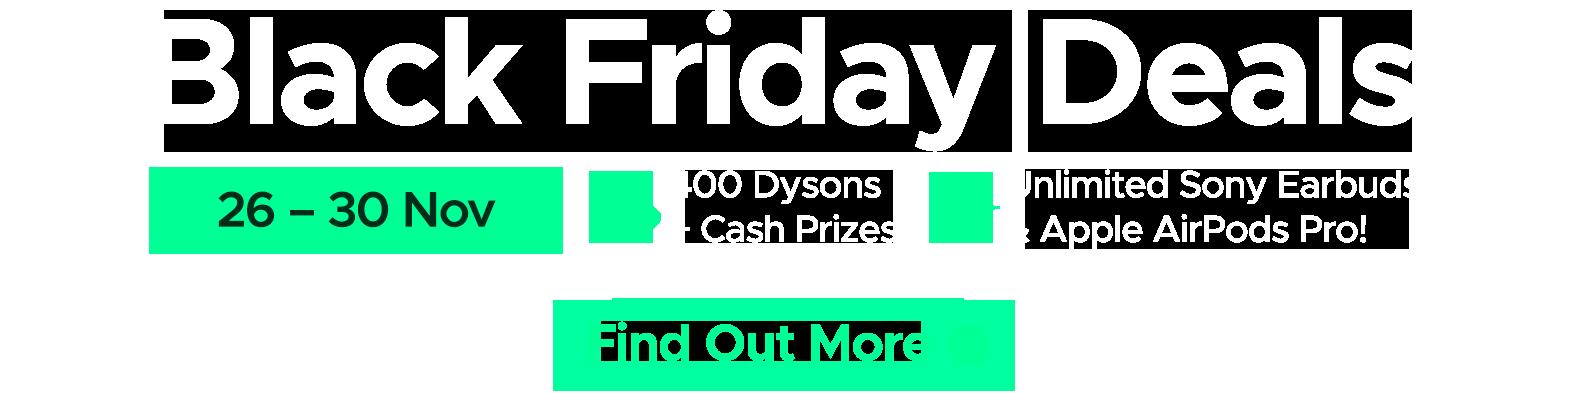 Black_Friday_Deals_(Desktop_Text).png